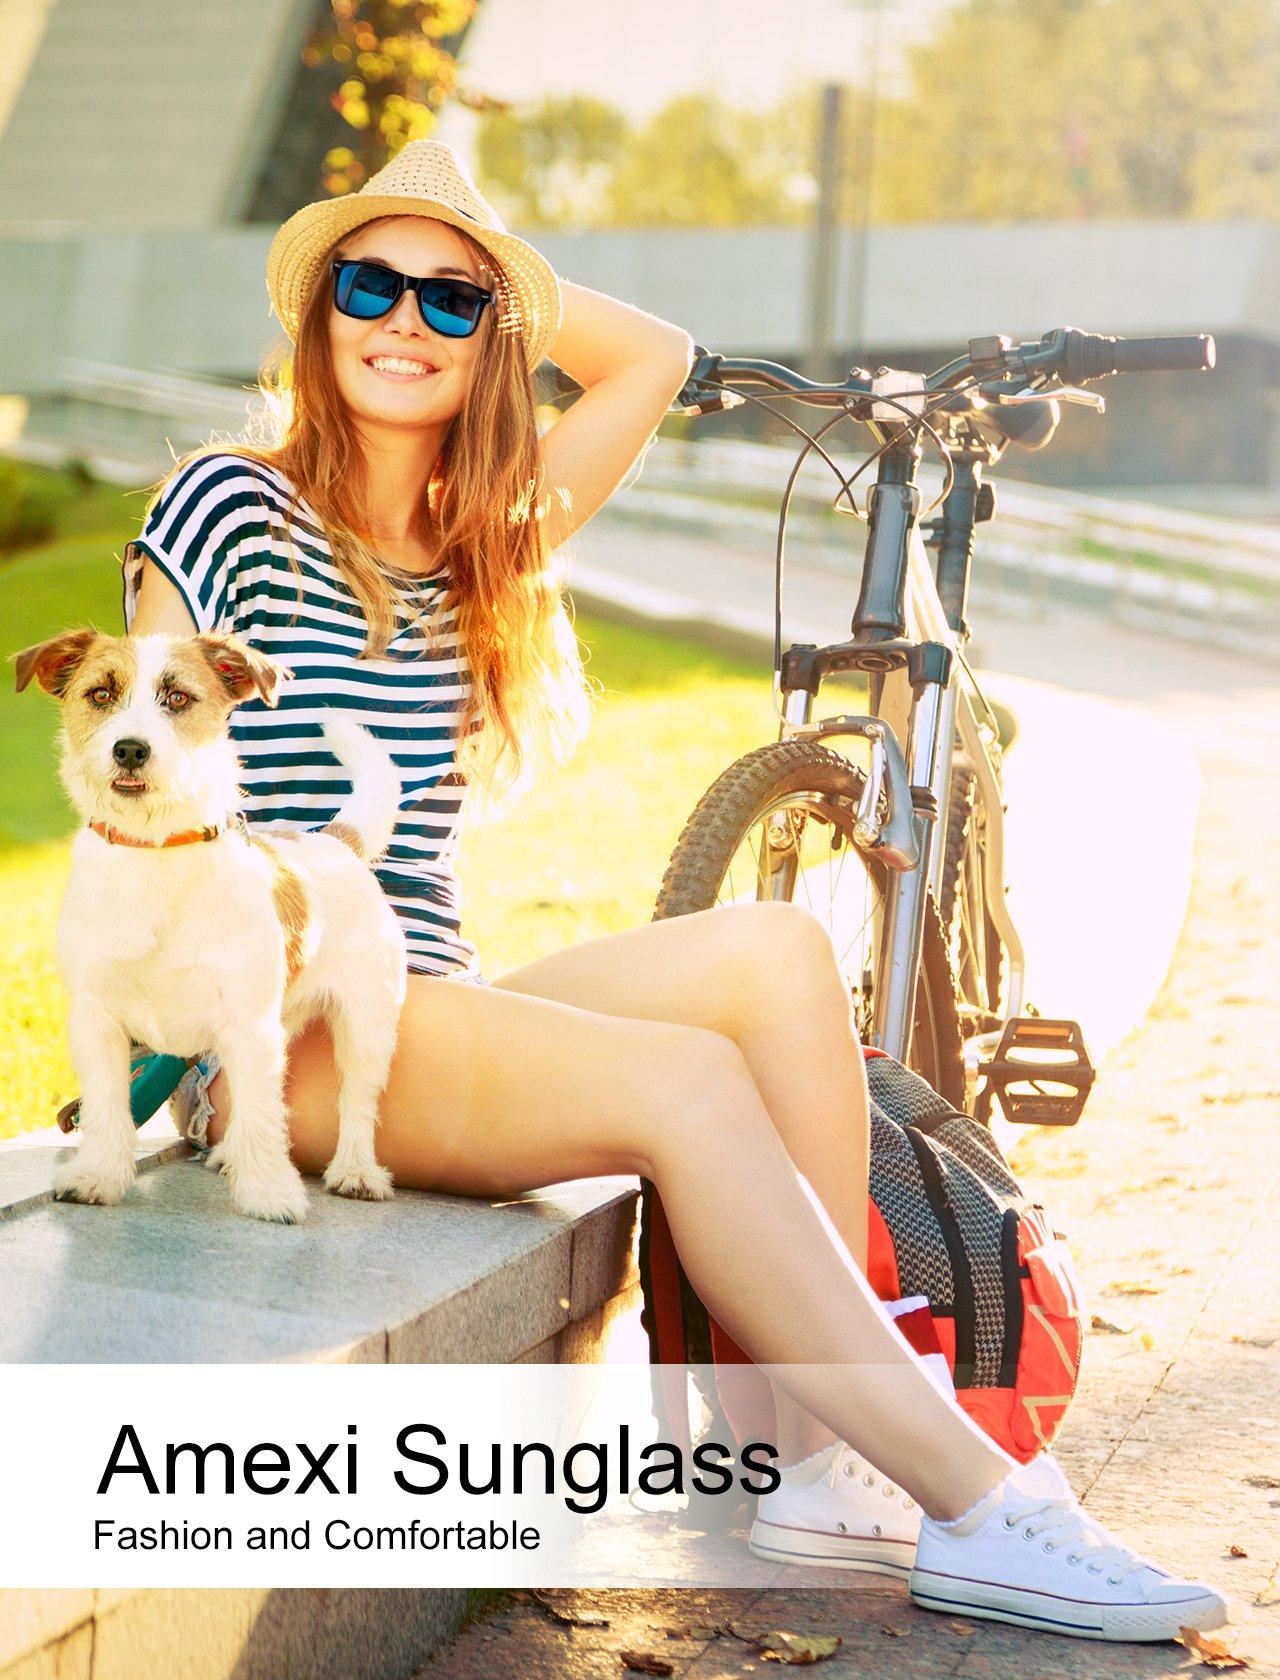 Herren Sonnenbrille Polarisierte UV400 sonnenbrille herren verspiegelt Schutz Unisex Sonnenbrille schwarz blaue Linse (blau)